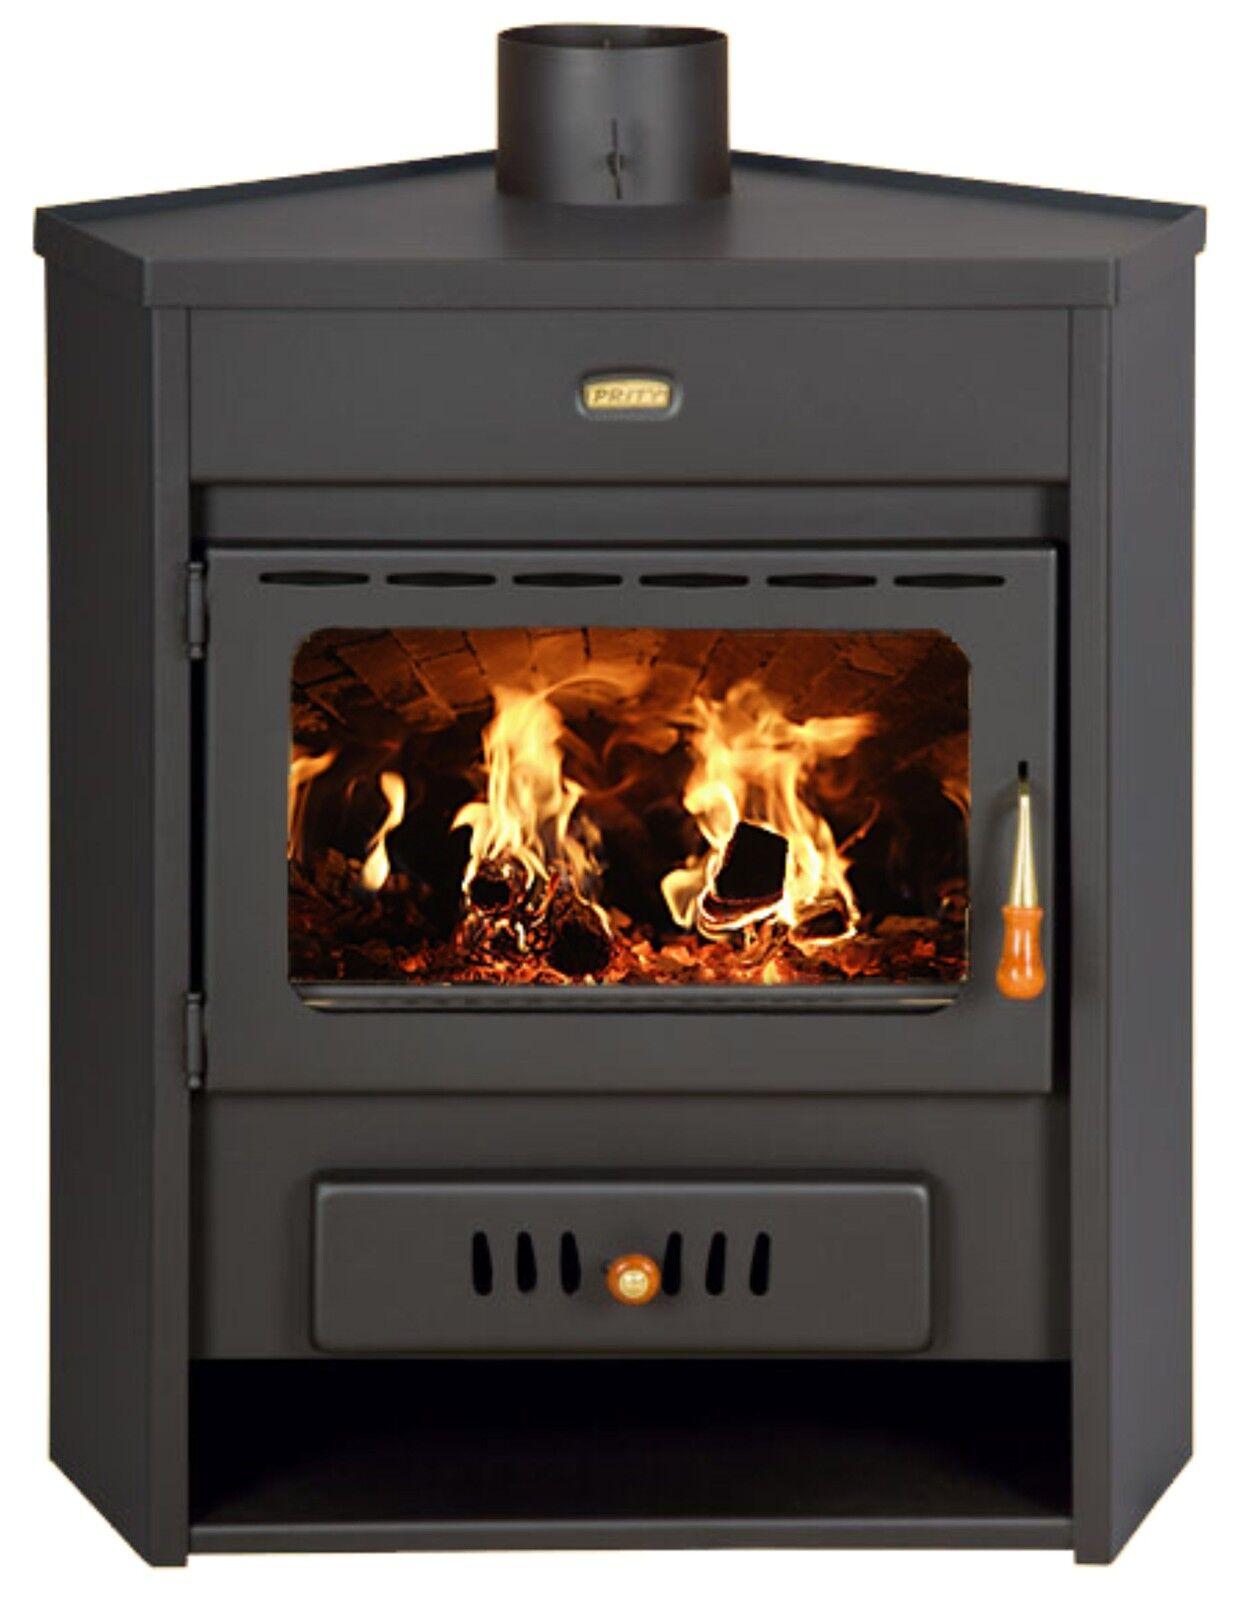 Poele A Bois De Coin détails sur poêle à bois coin modèle cheminée brûleur foyer solide  carburant prity 12kw